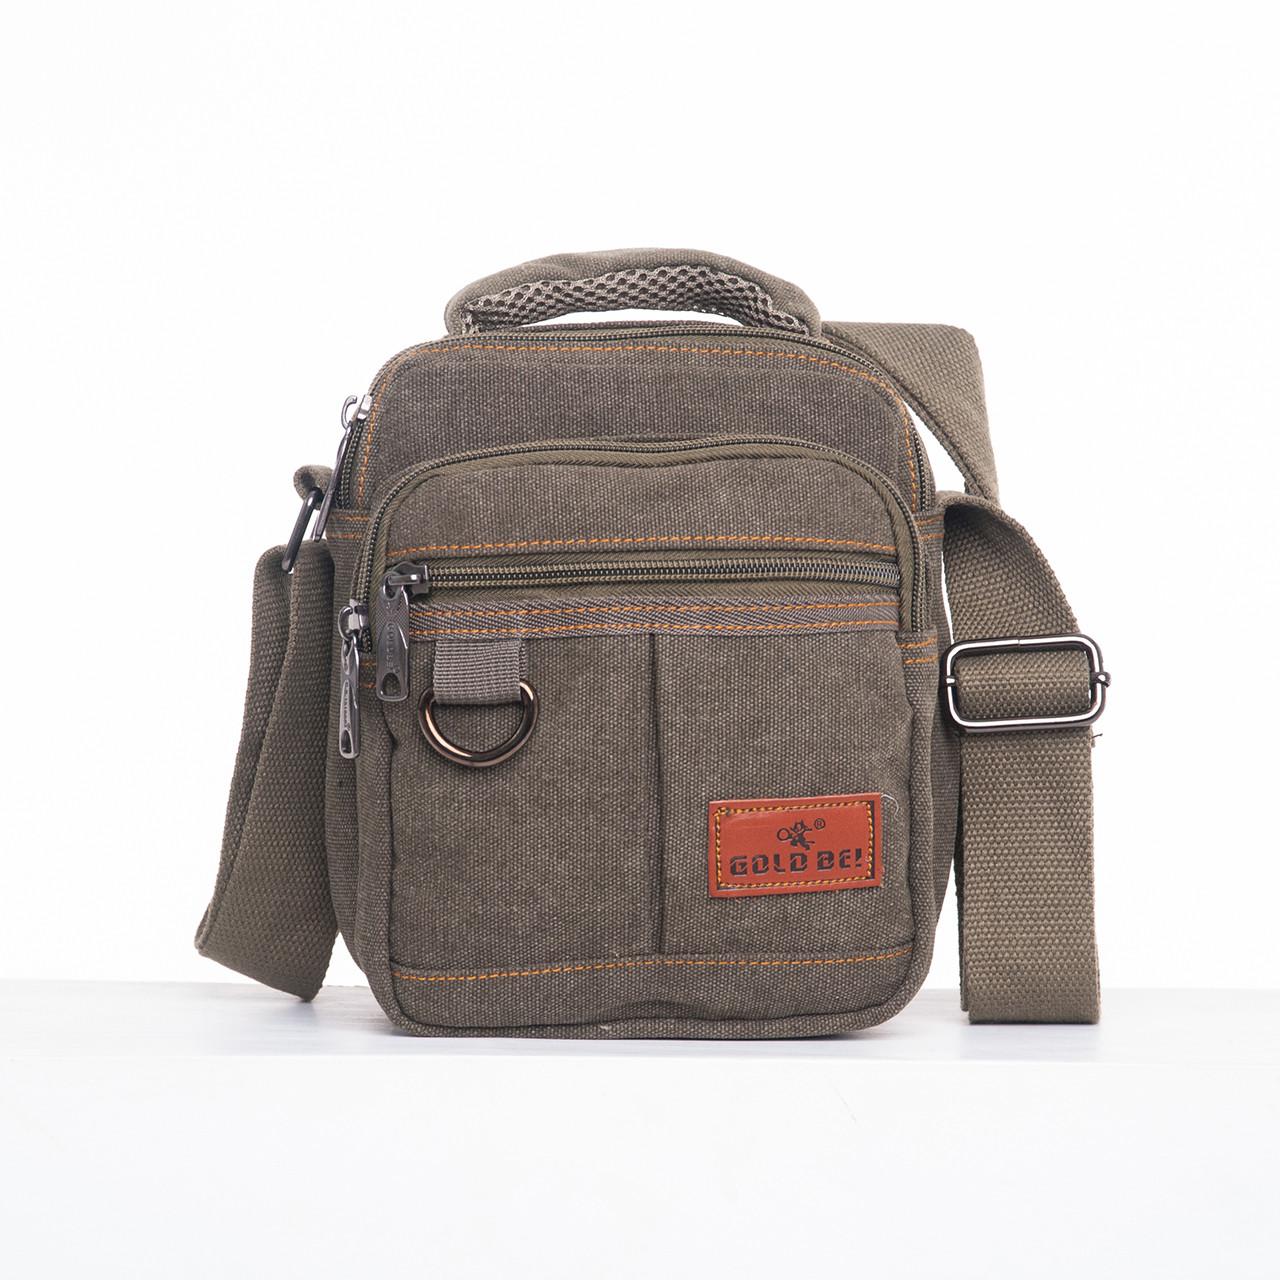 Мужская сумка вертикальная GOLD BE 18х21х14 ткань брезент ксС333х